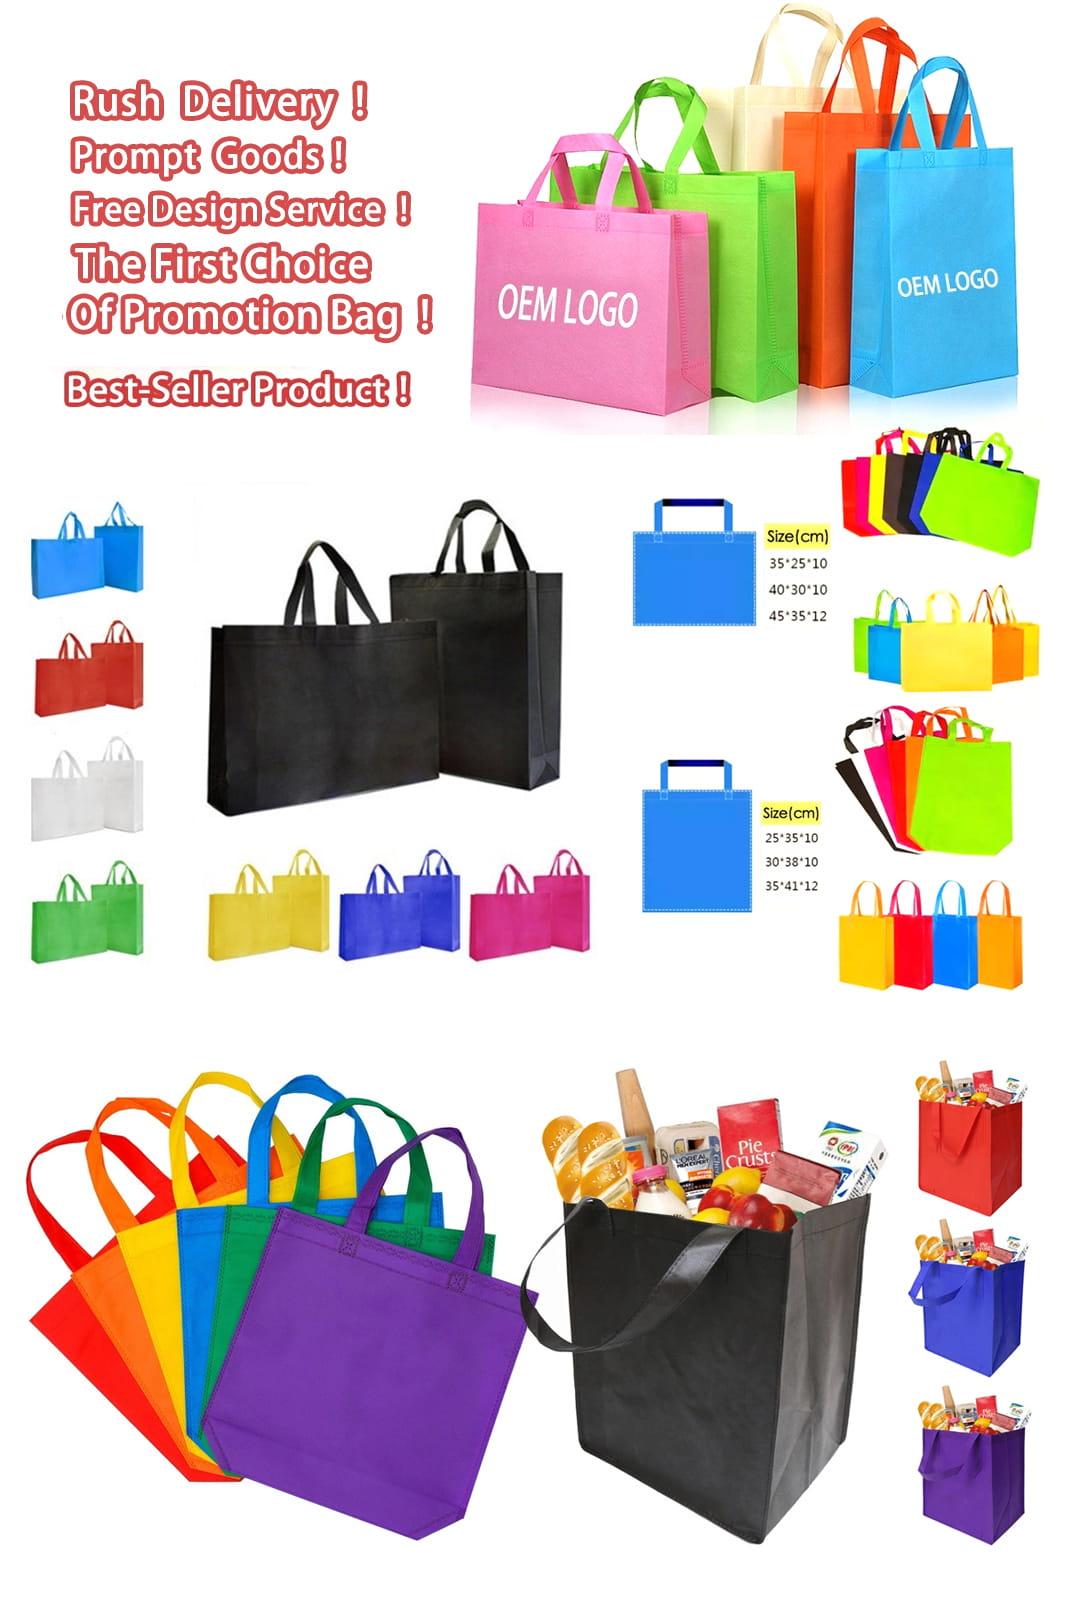 wholesale non-woven reusable tote bags-013 details